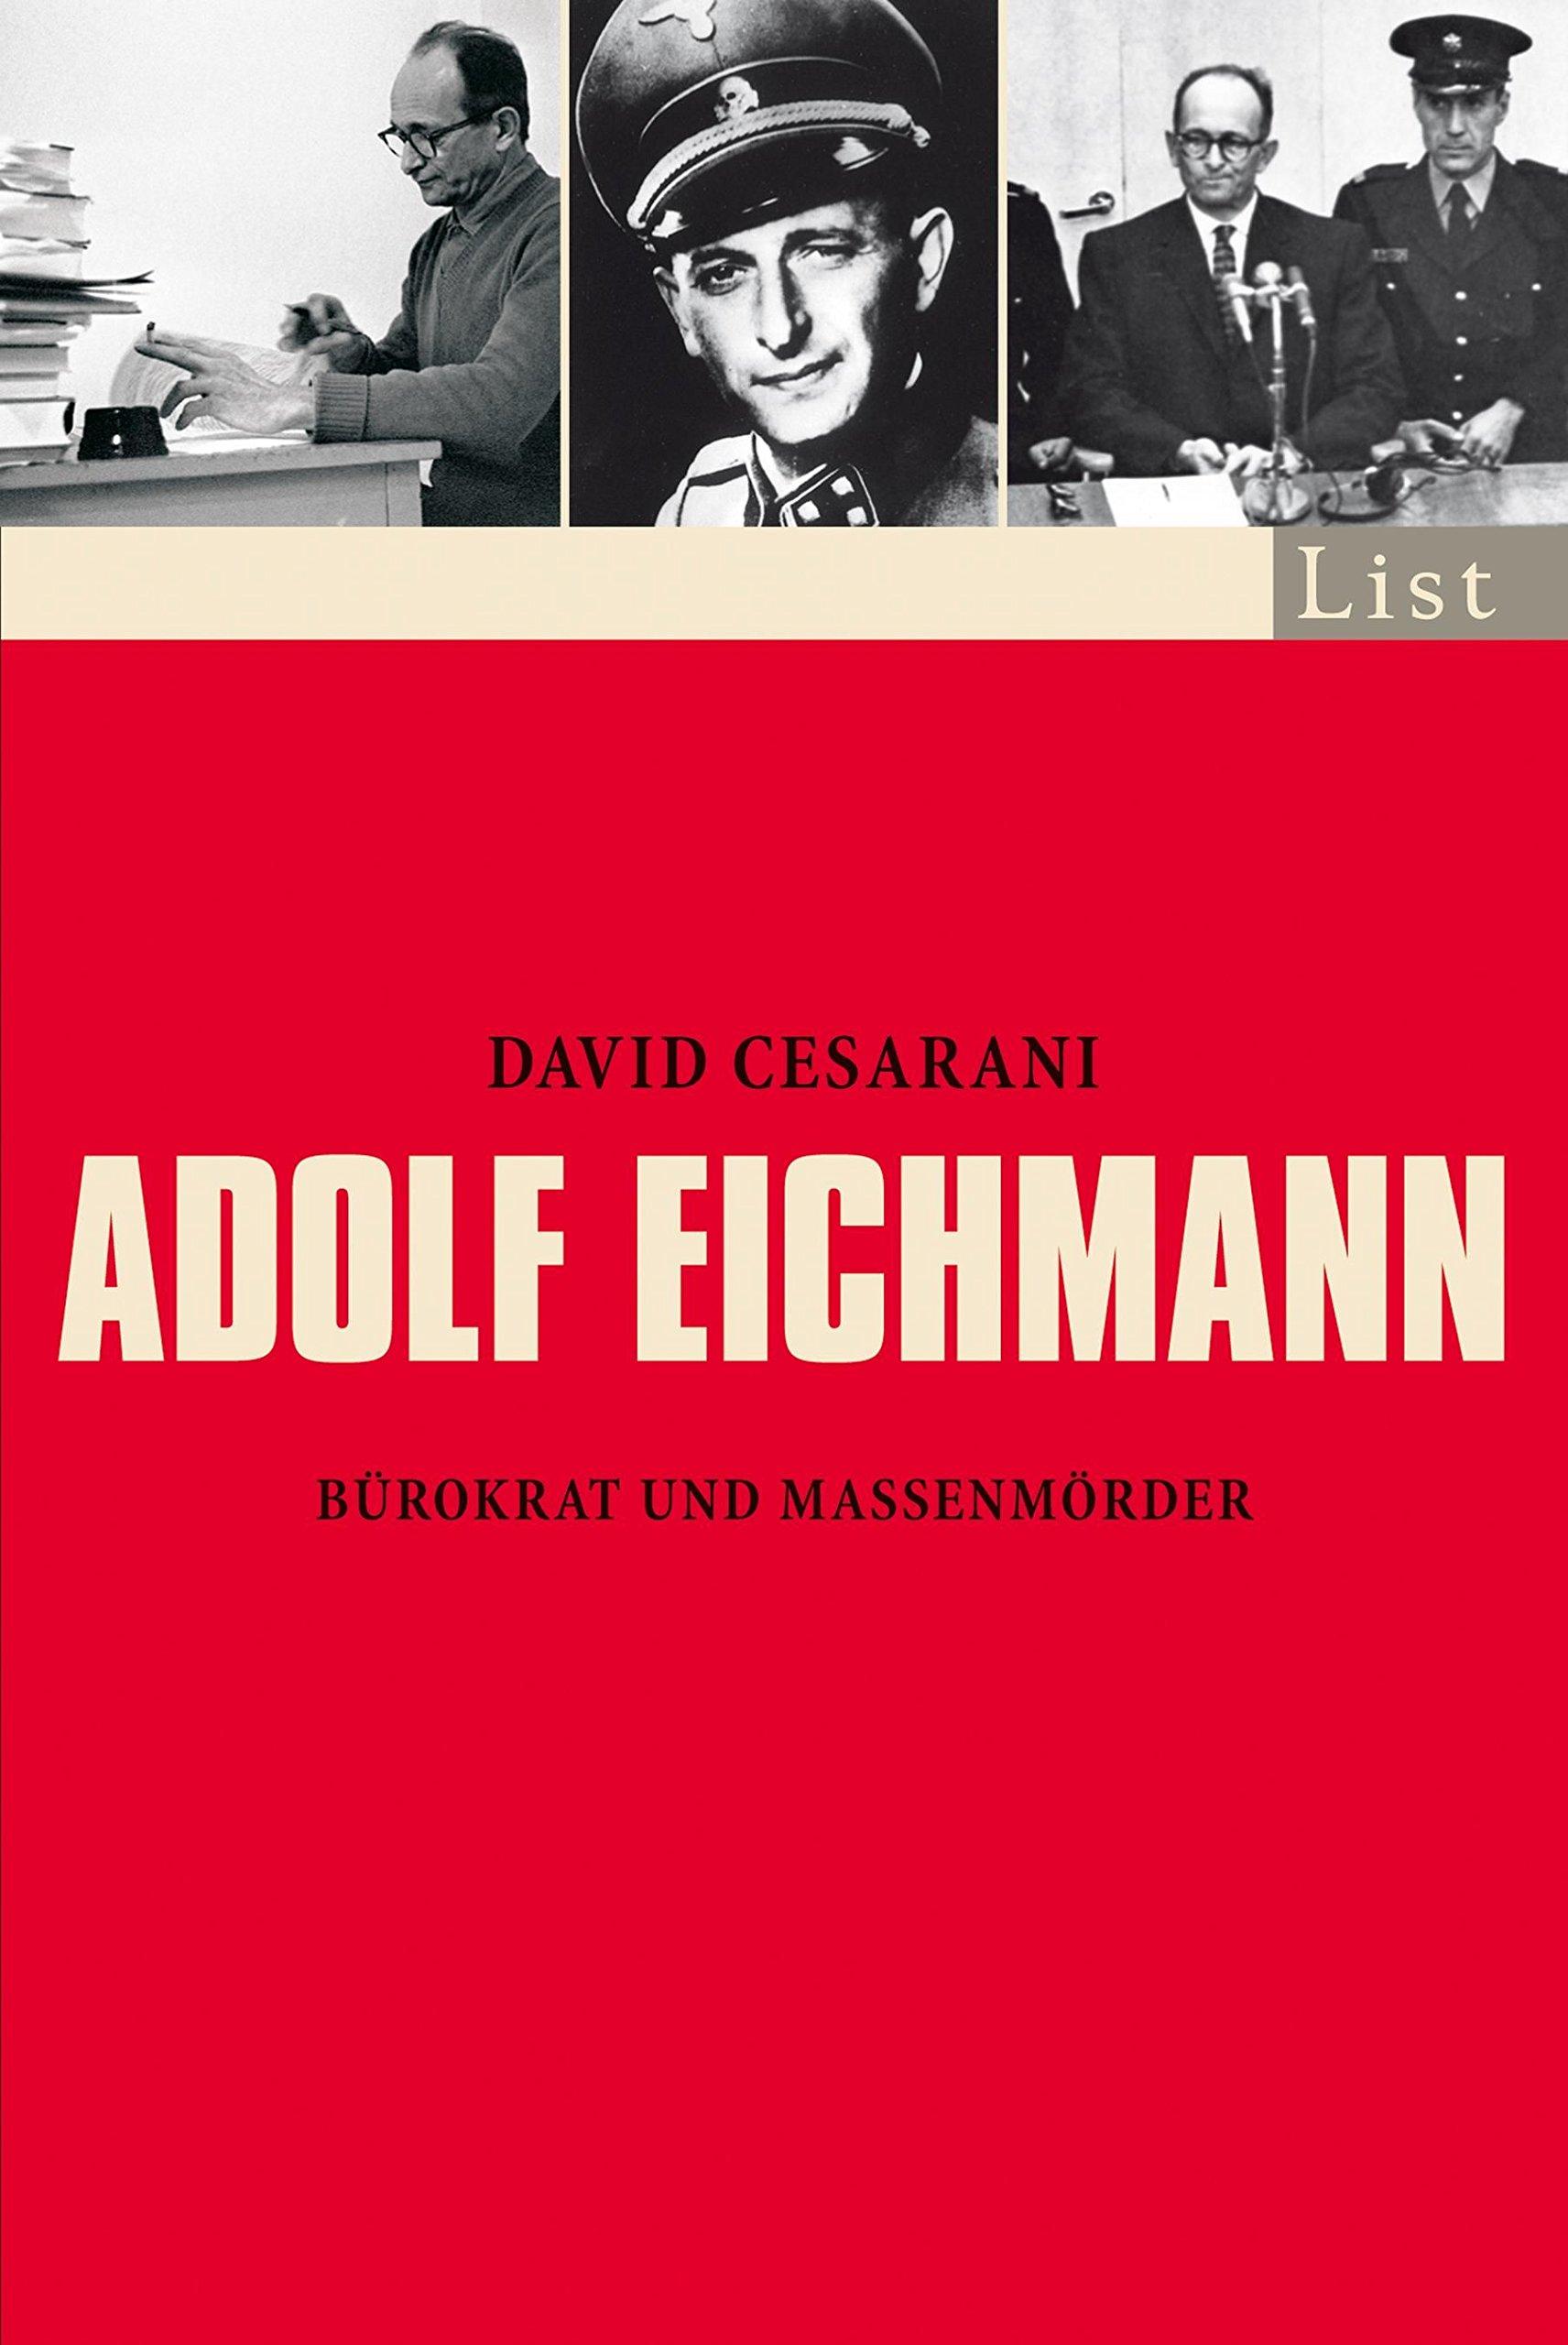 Adolf Eichmann: Bürokrat und Massenmörder